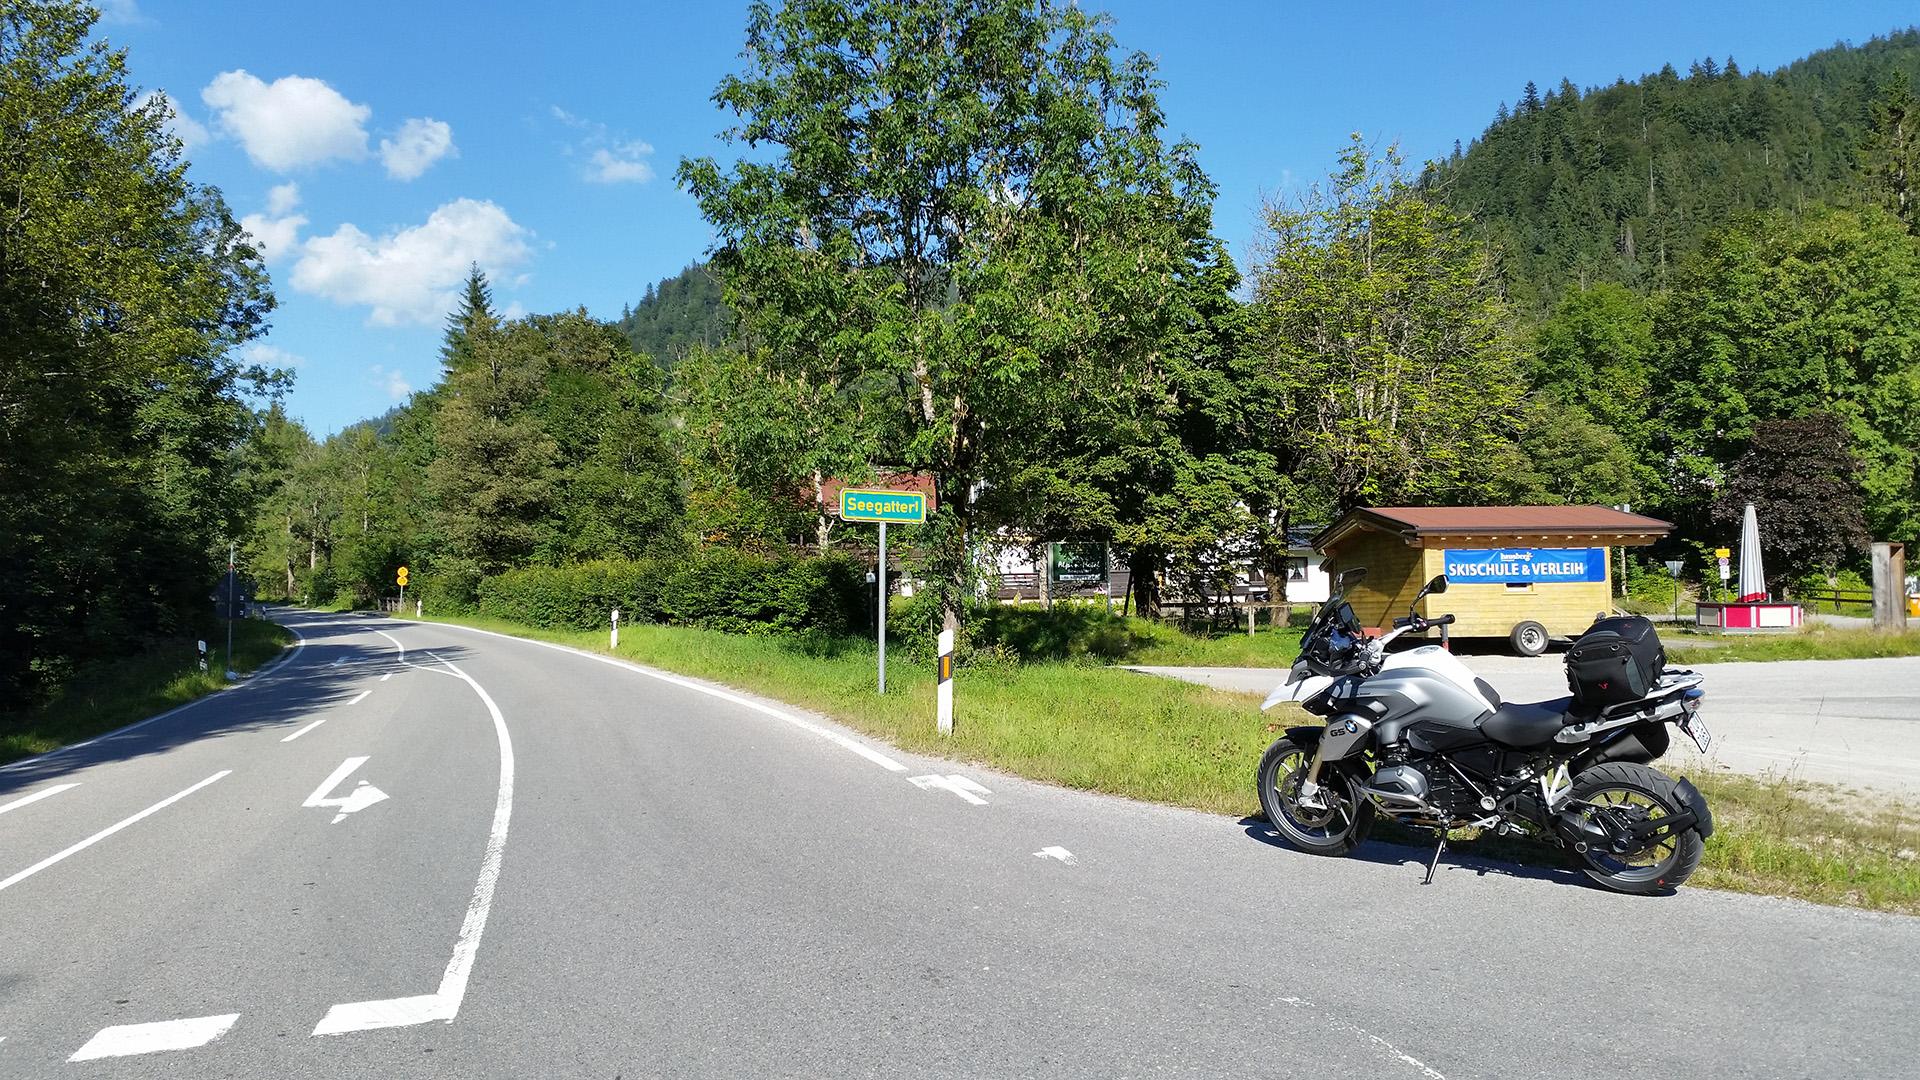 0791 - D - Seegatterl